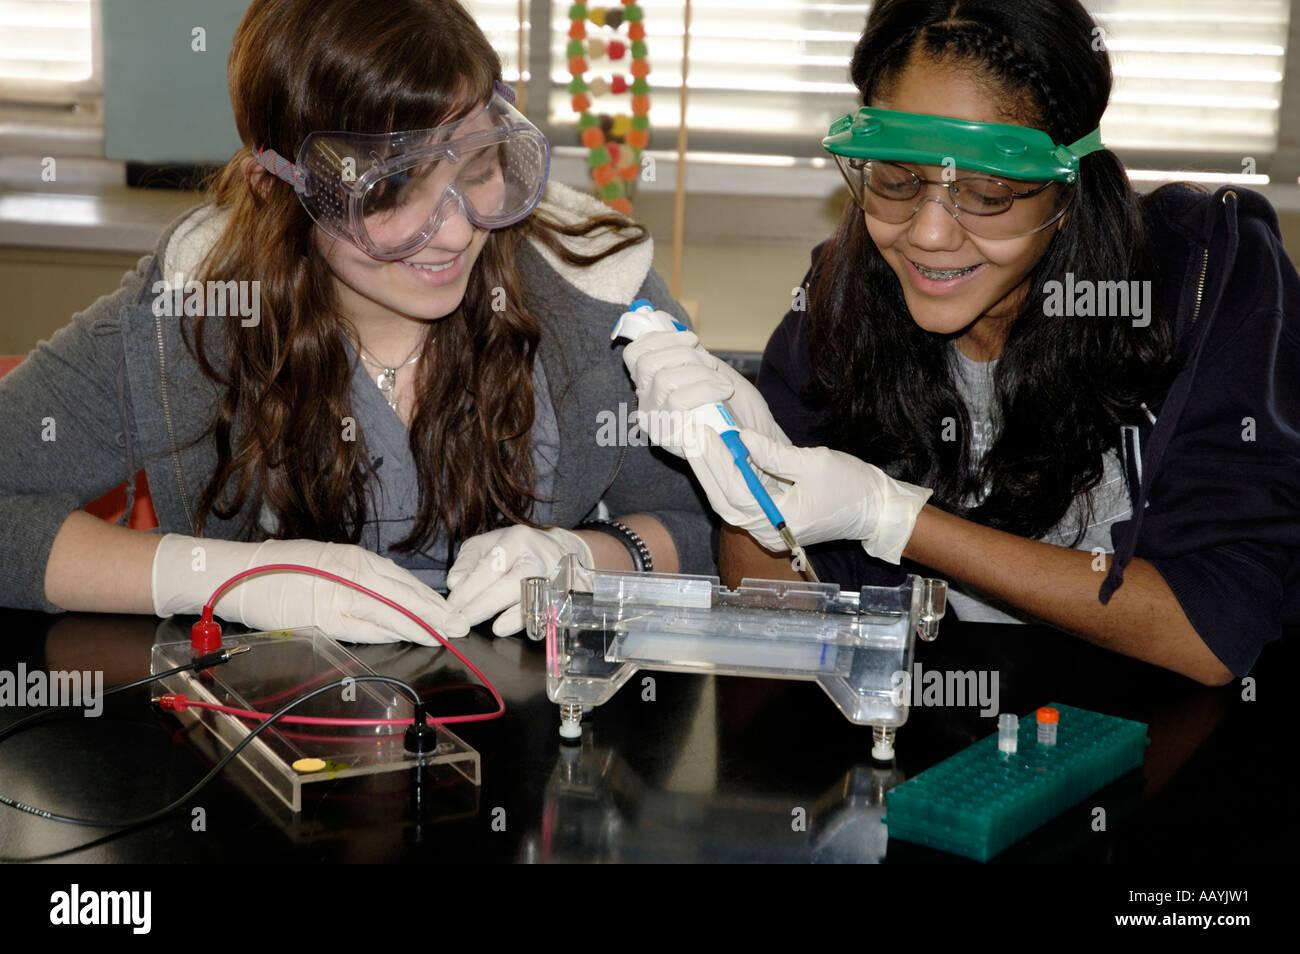 Ragazze e caucasica ispanica, carico campione di DNA in un gel per classe di biologia scienza esperimento Immagini Stock